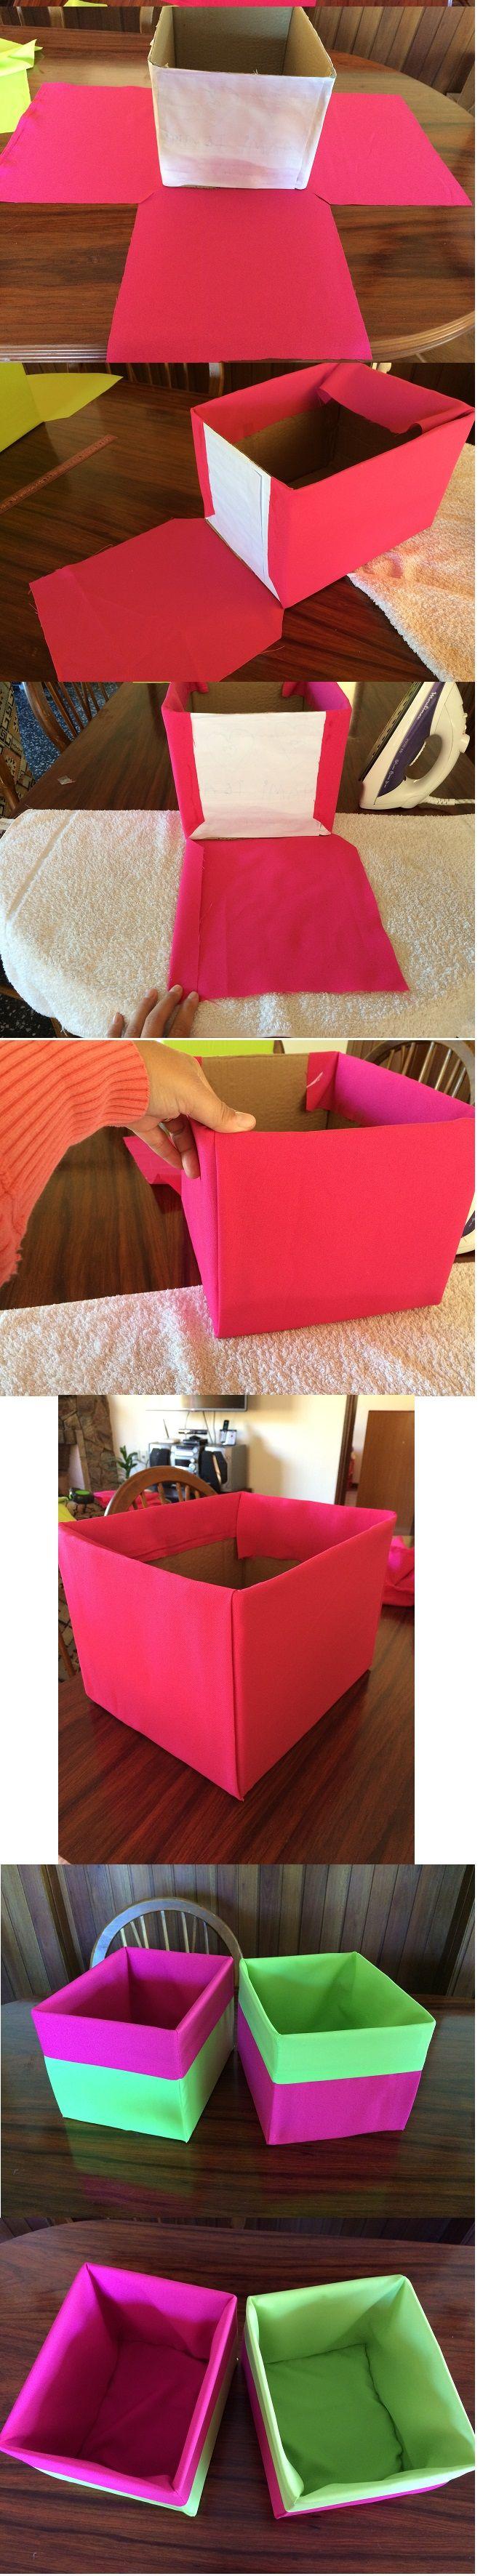 Cajas de cartón forradas con tela.